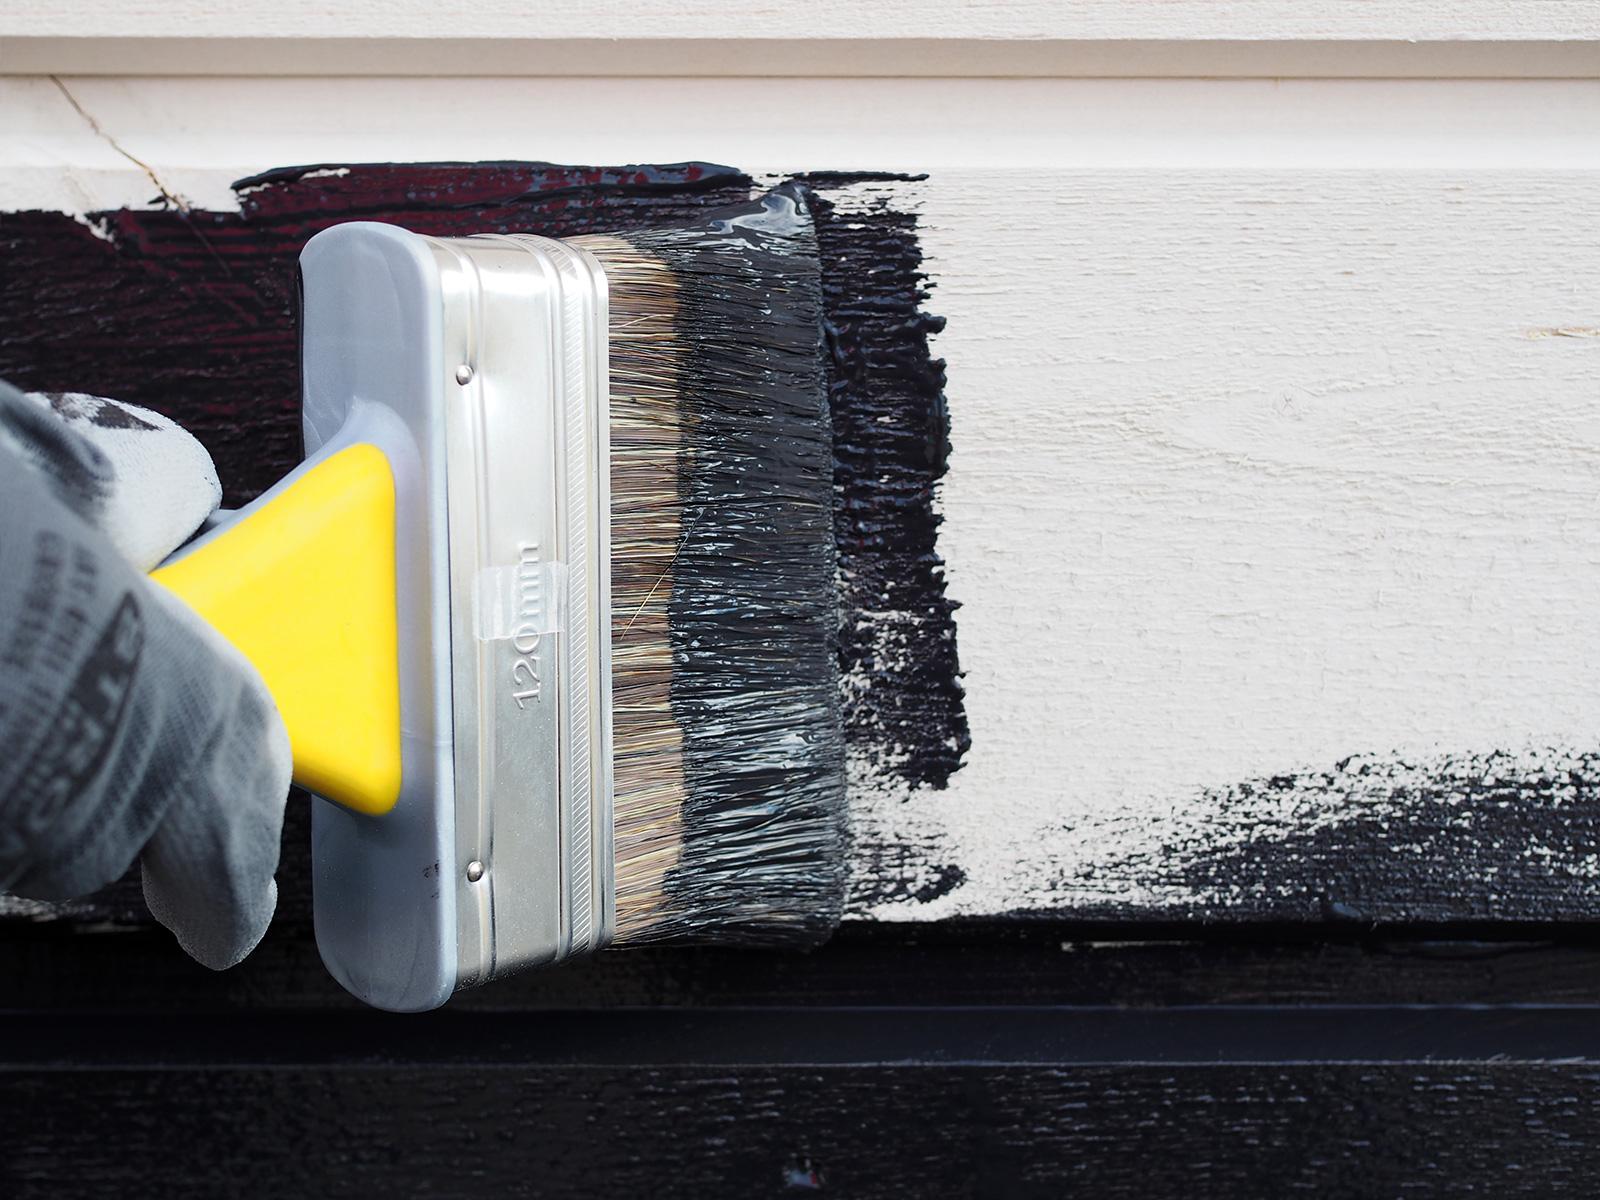 Teknos Visa Peittosuoja T7063 musta - talon maalaus leveällä sudilla